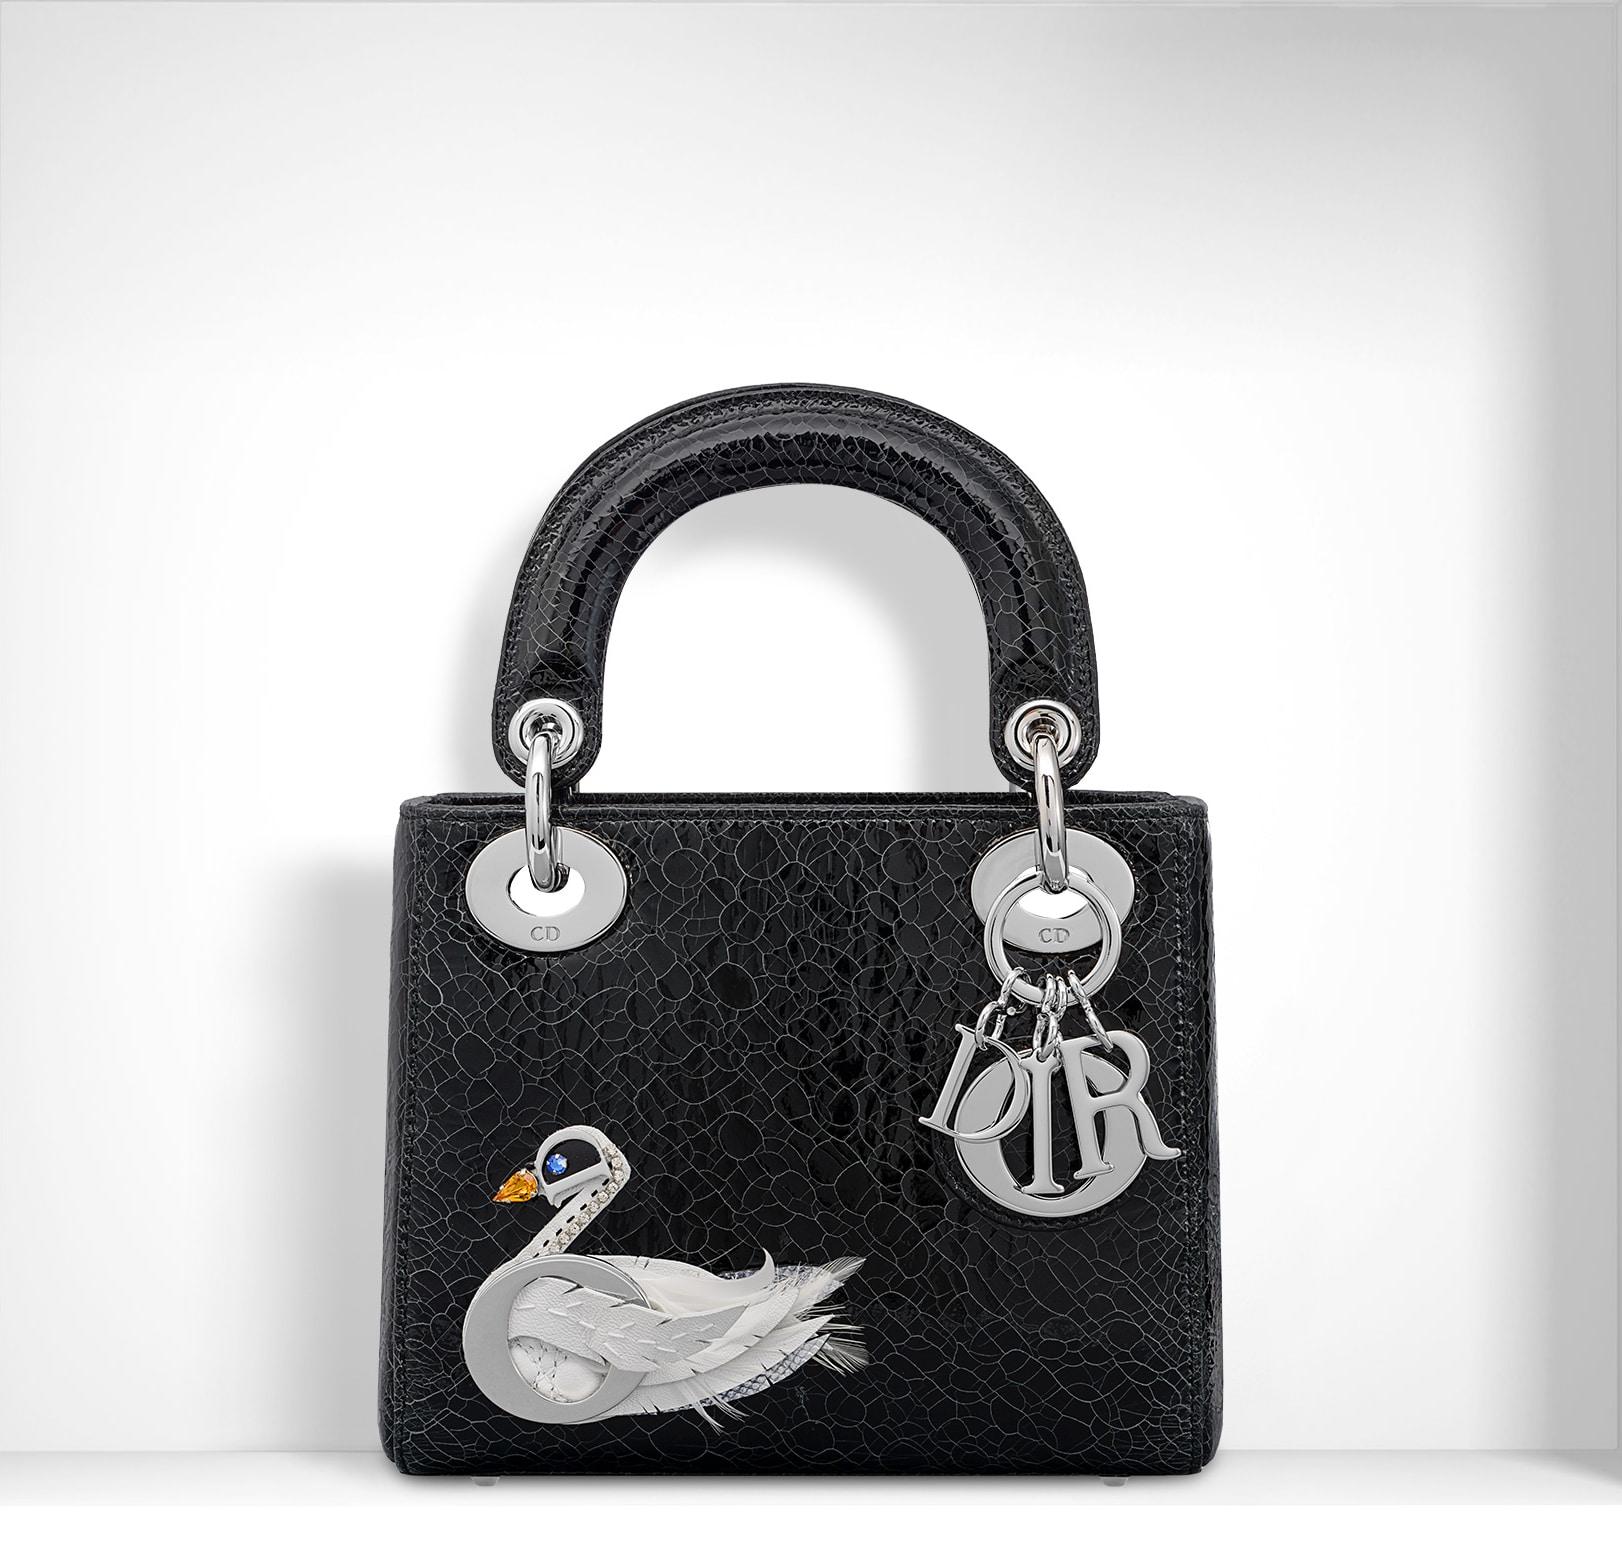 5cb121400fdb Lady Dior Handbag Replica Uk - Handbag Photos Eleventyone.Org